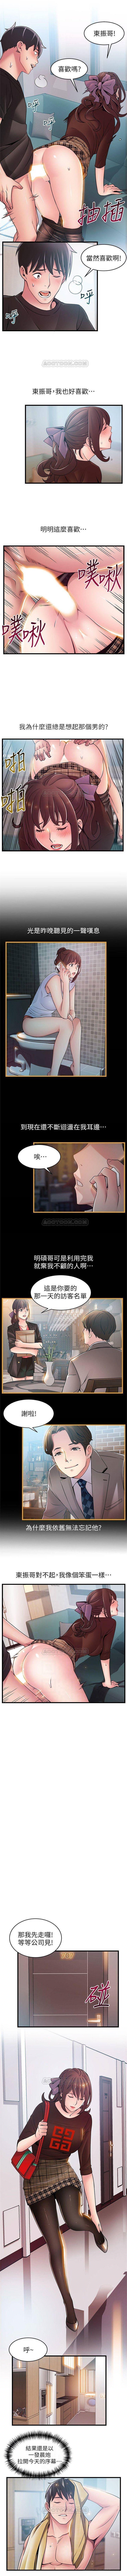 (周7)弱点 1-66 中文翻译(更新中) 364